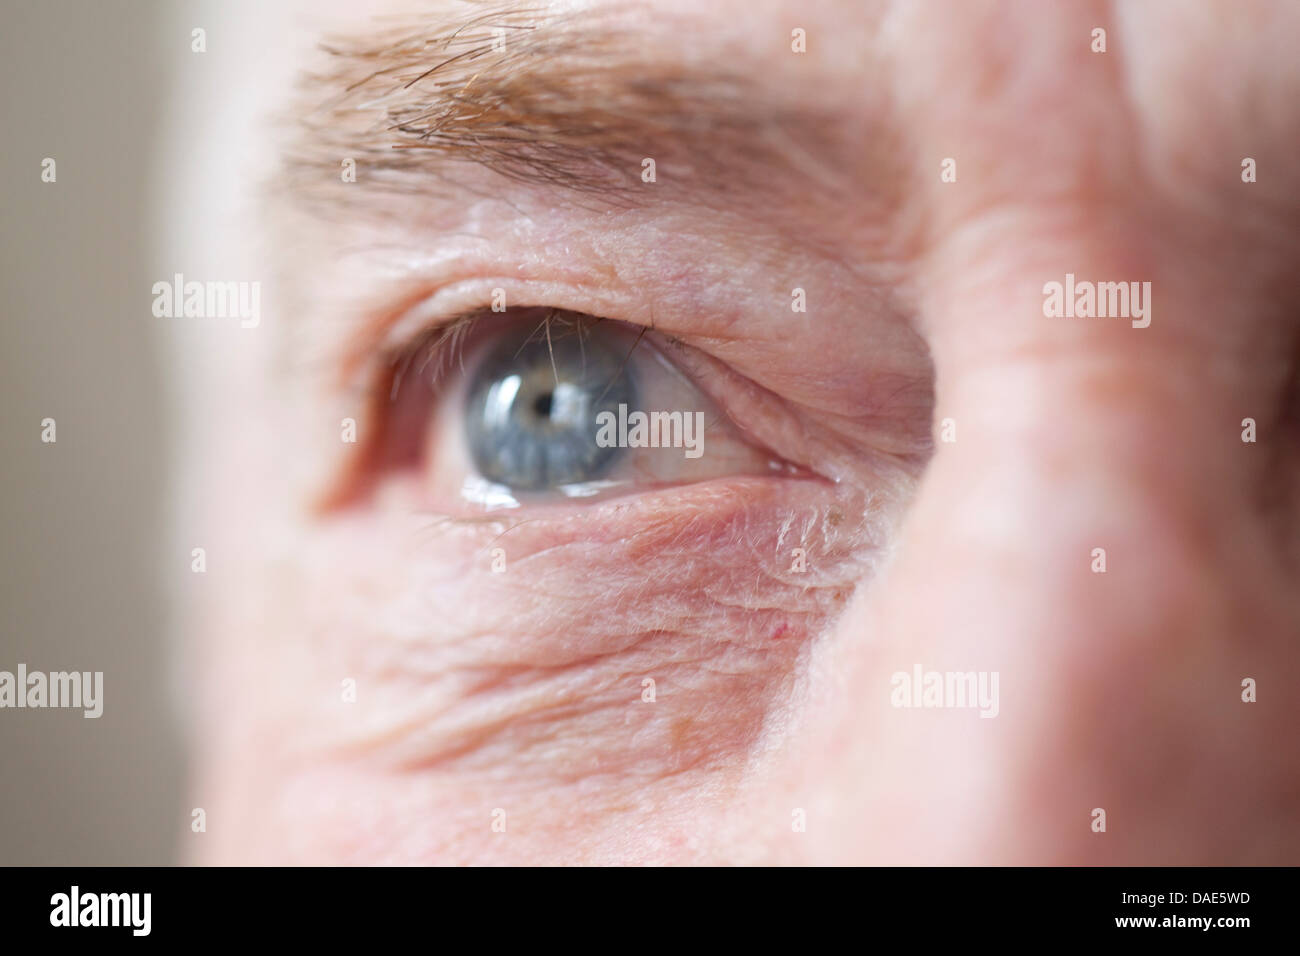 La mirada del hombre Senior, cerrar Imagen De Stock